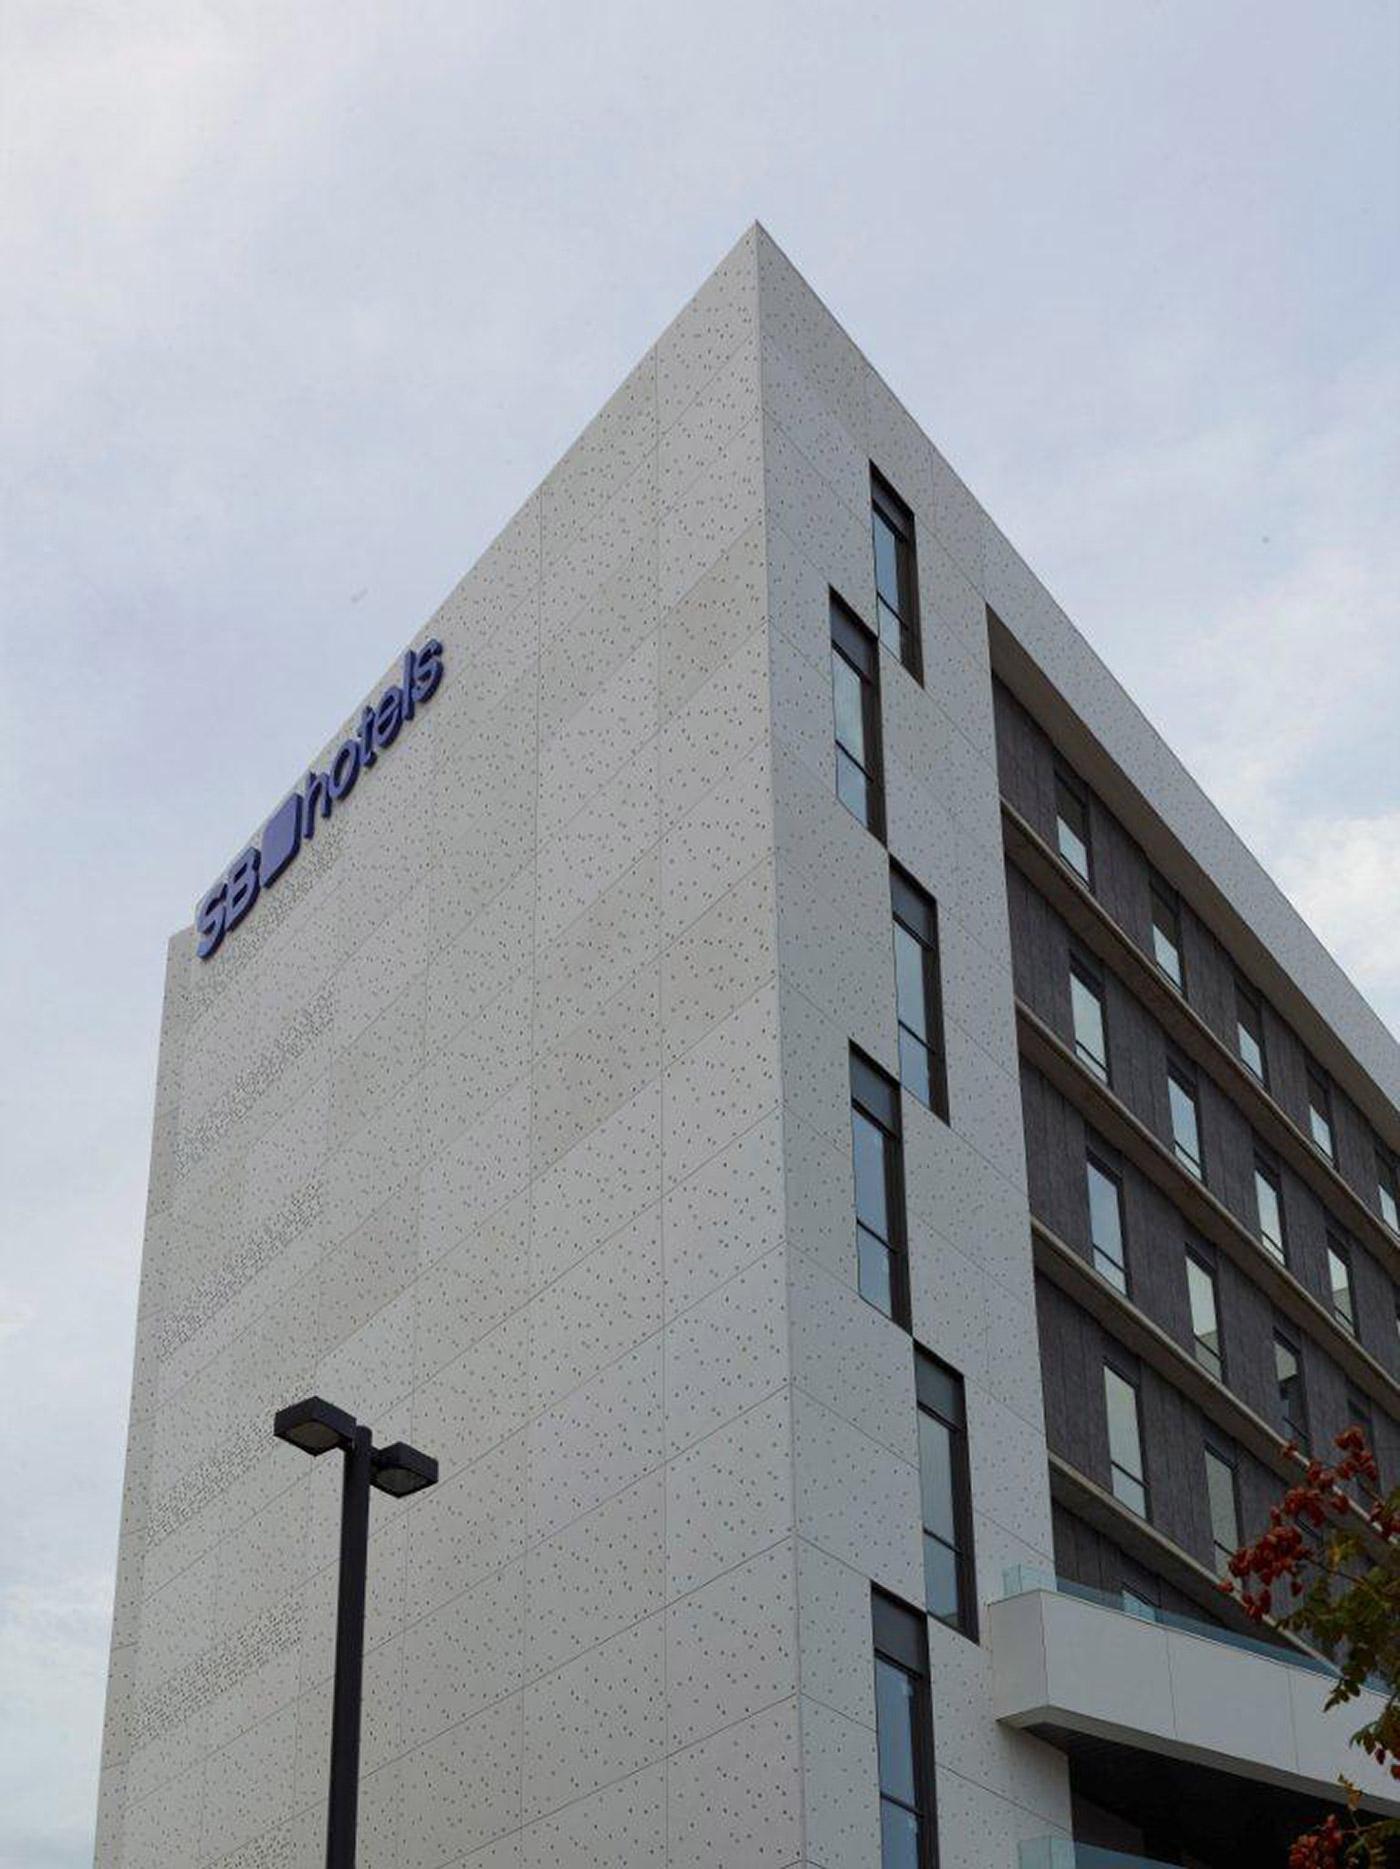 Hotel sb l 39 hospitalet de llobregat barcelona panel - Despacho arquitectura barcelona ...